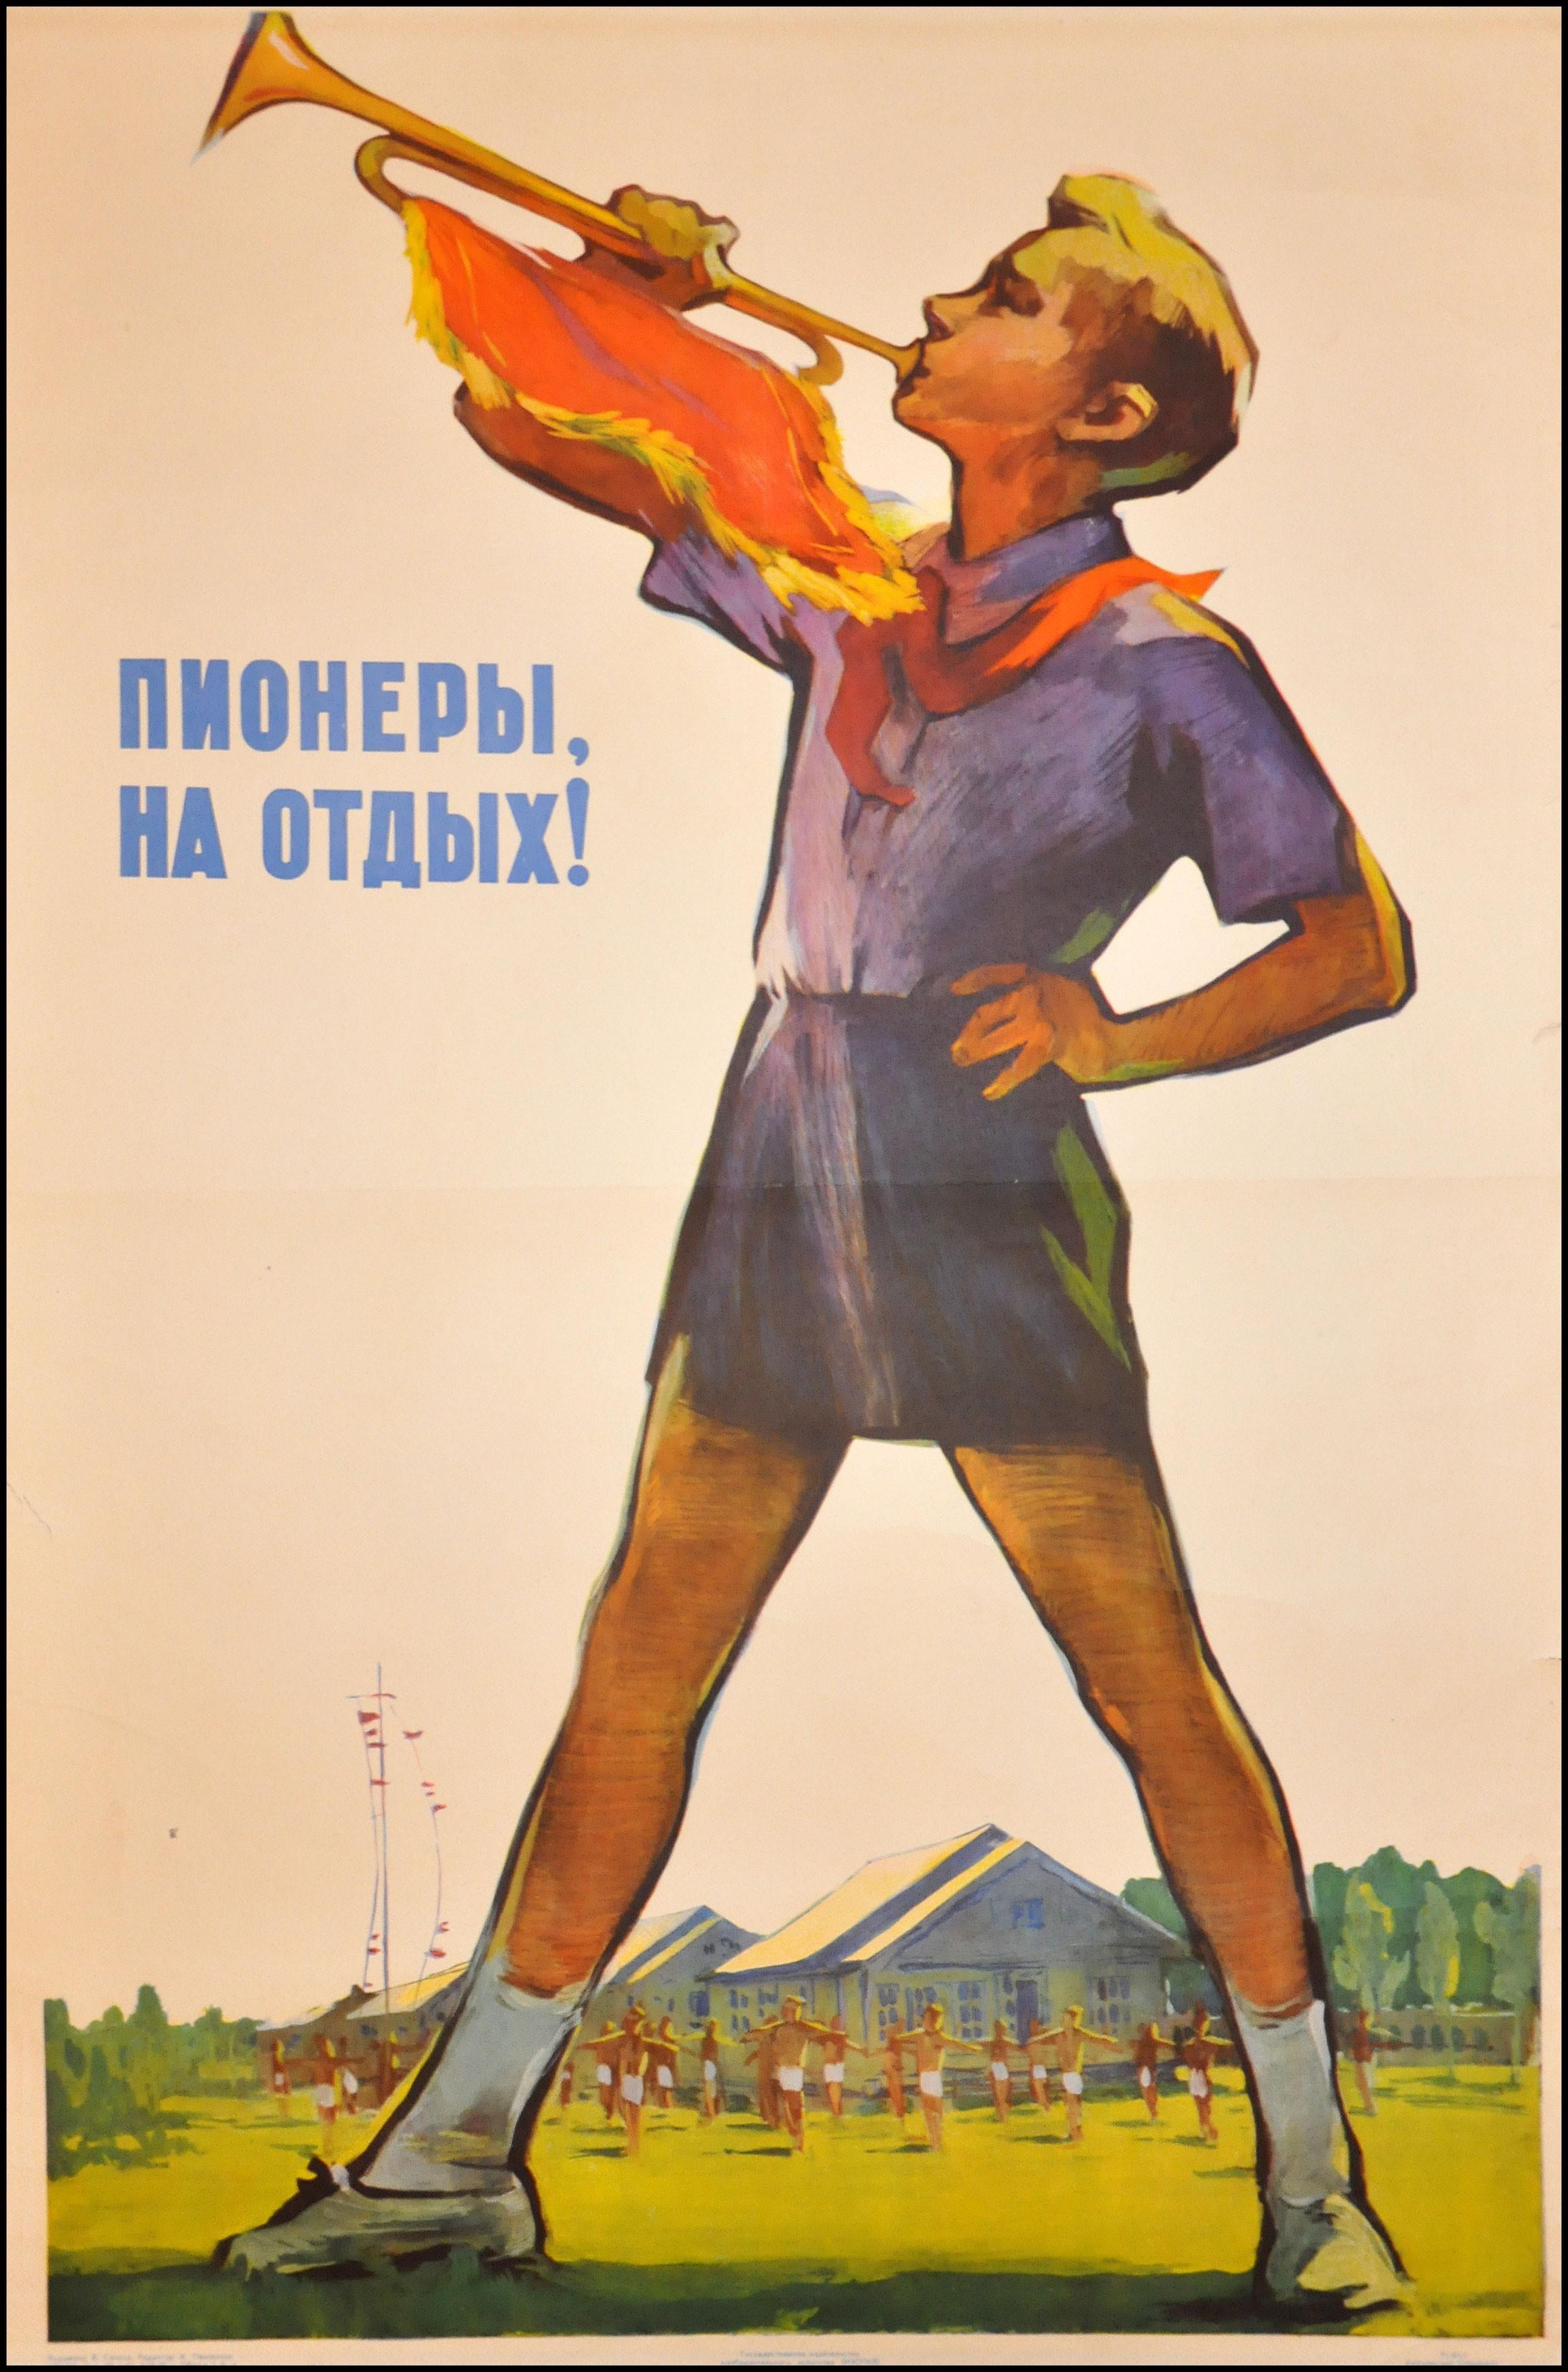 все пионер плакаты ссср огни ночные